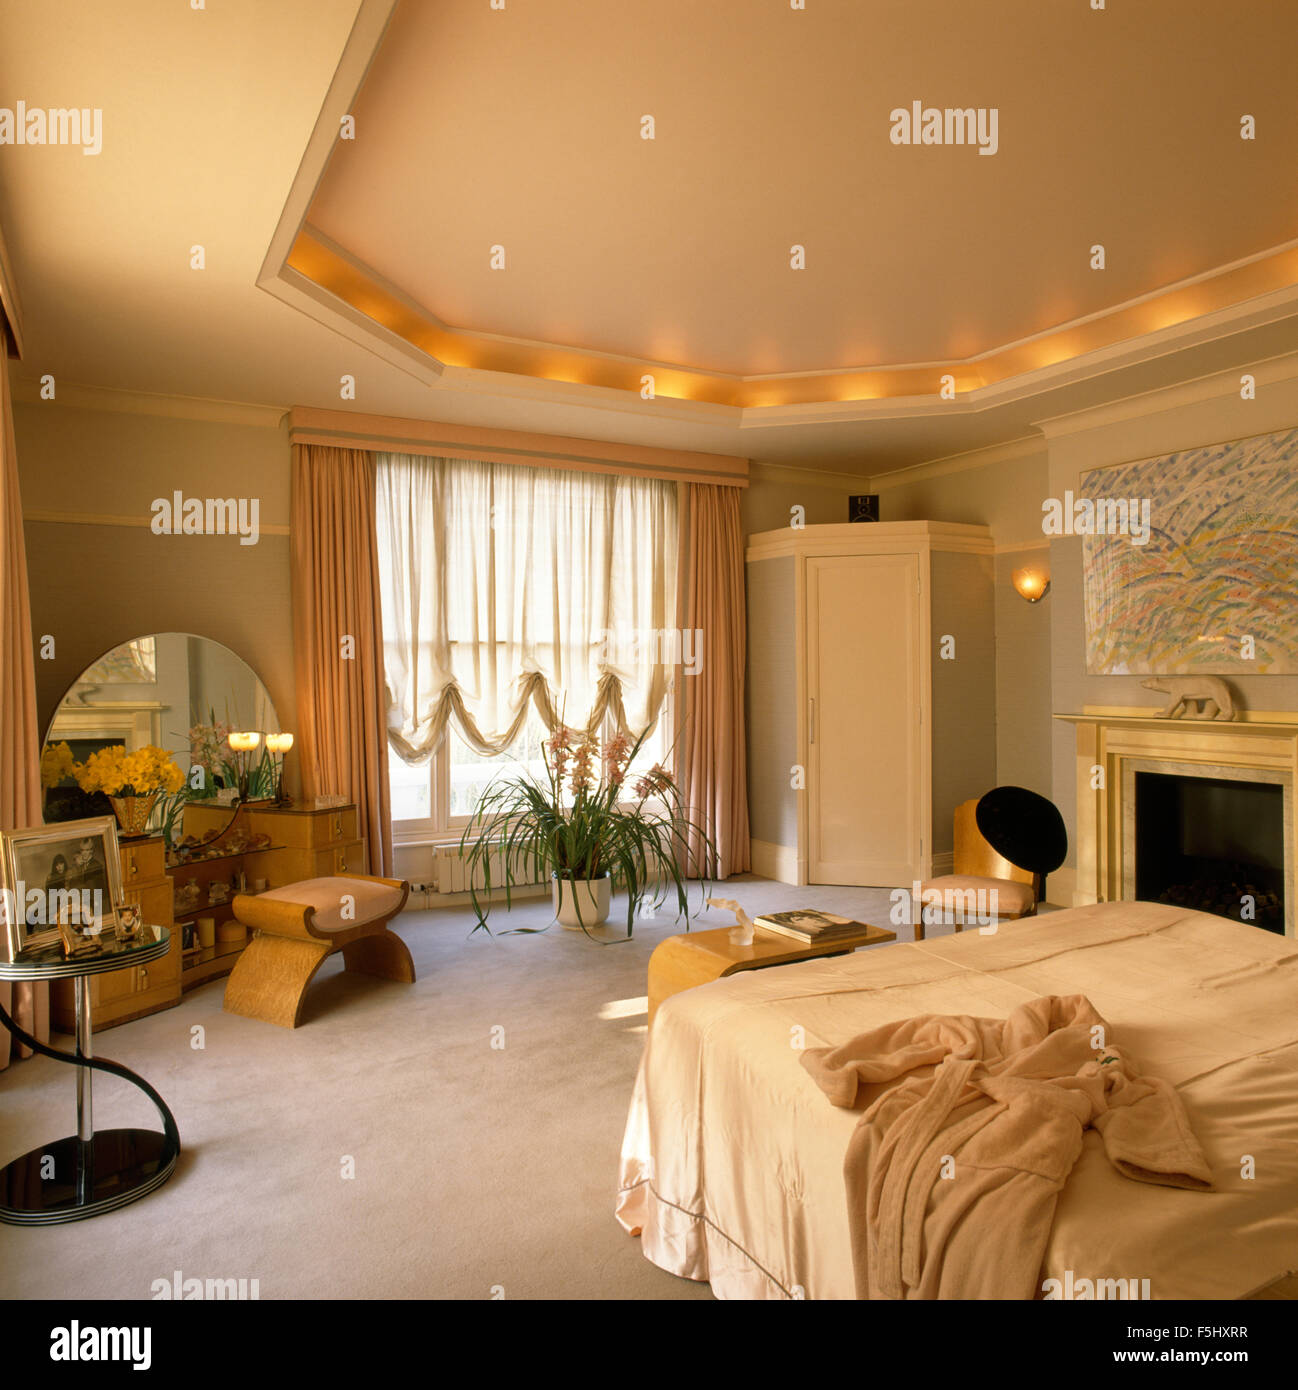 Einbauleuchten Decke mit Beleuchtung in dreißiger Jahre Schlafzimmer ...